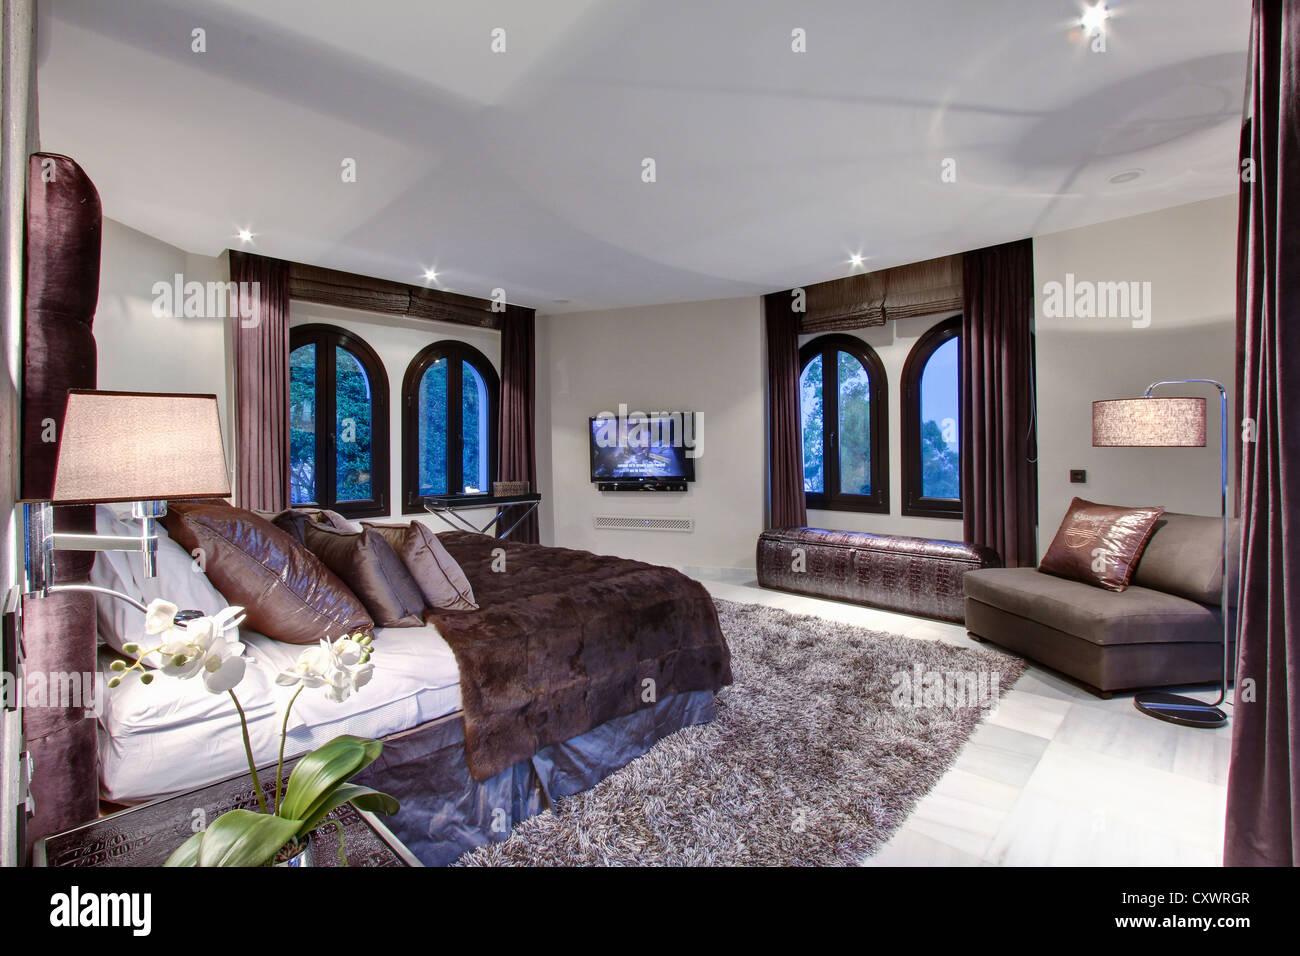 Lit et chambre à coucher moderne dans windows Banque D'Images